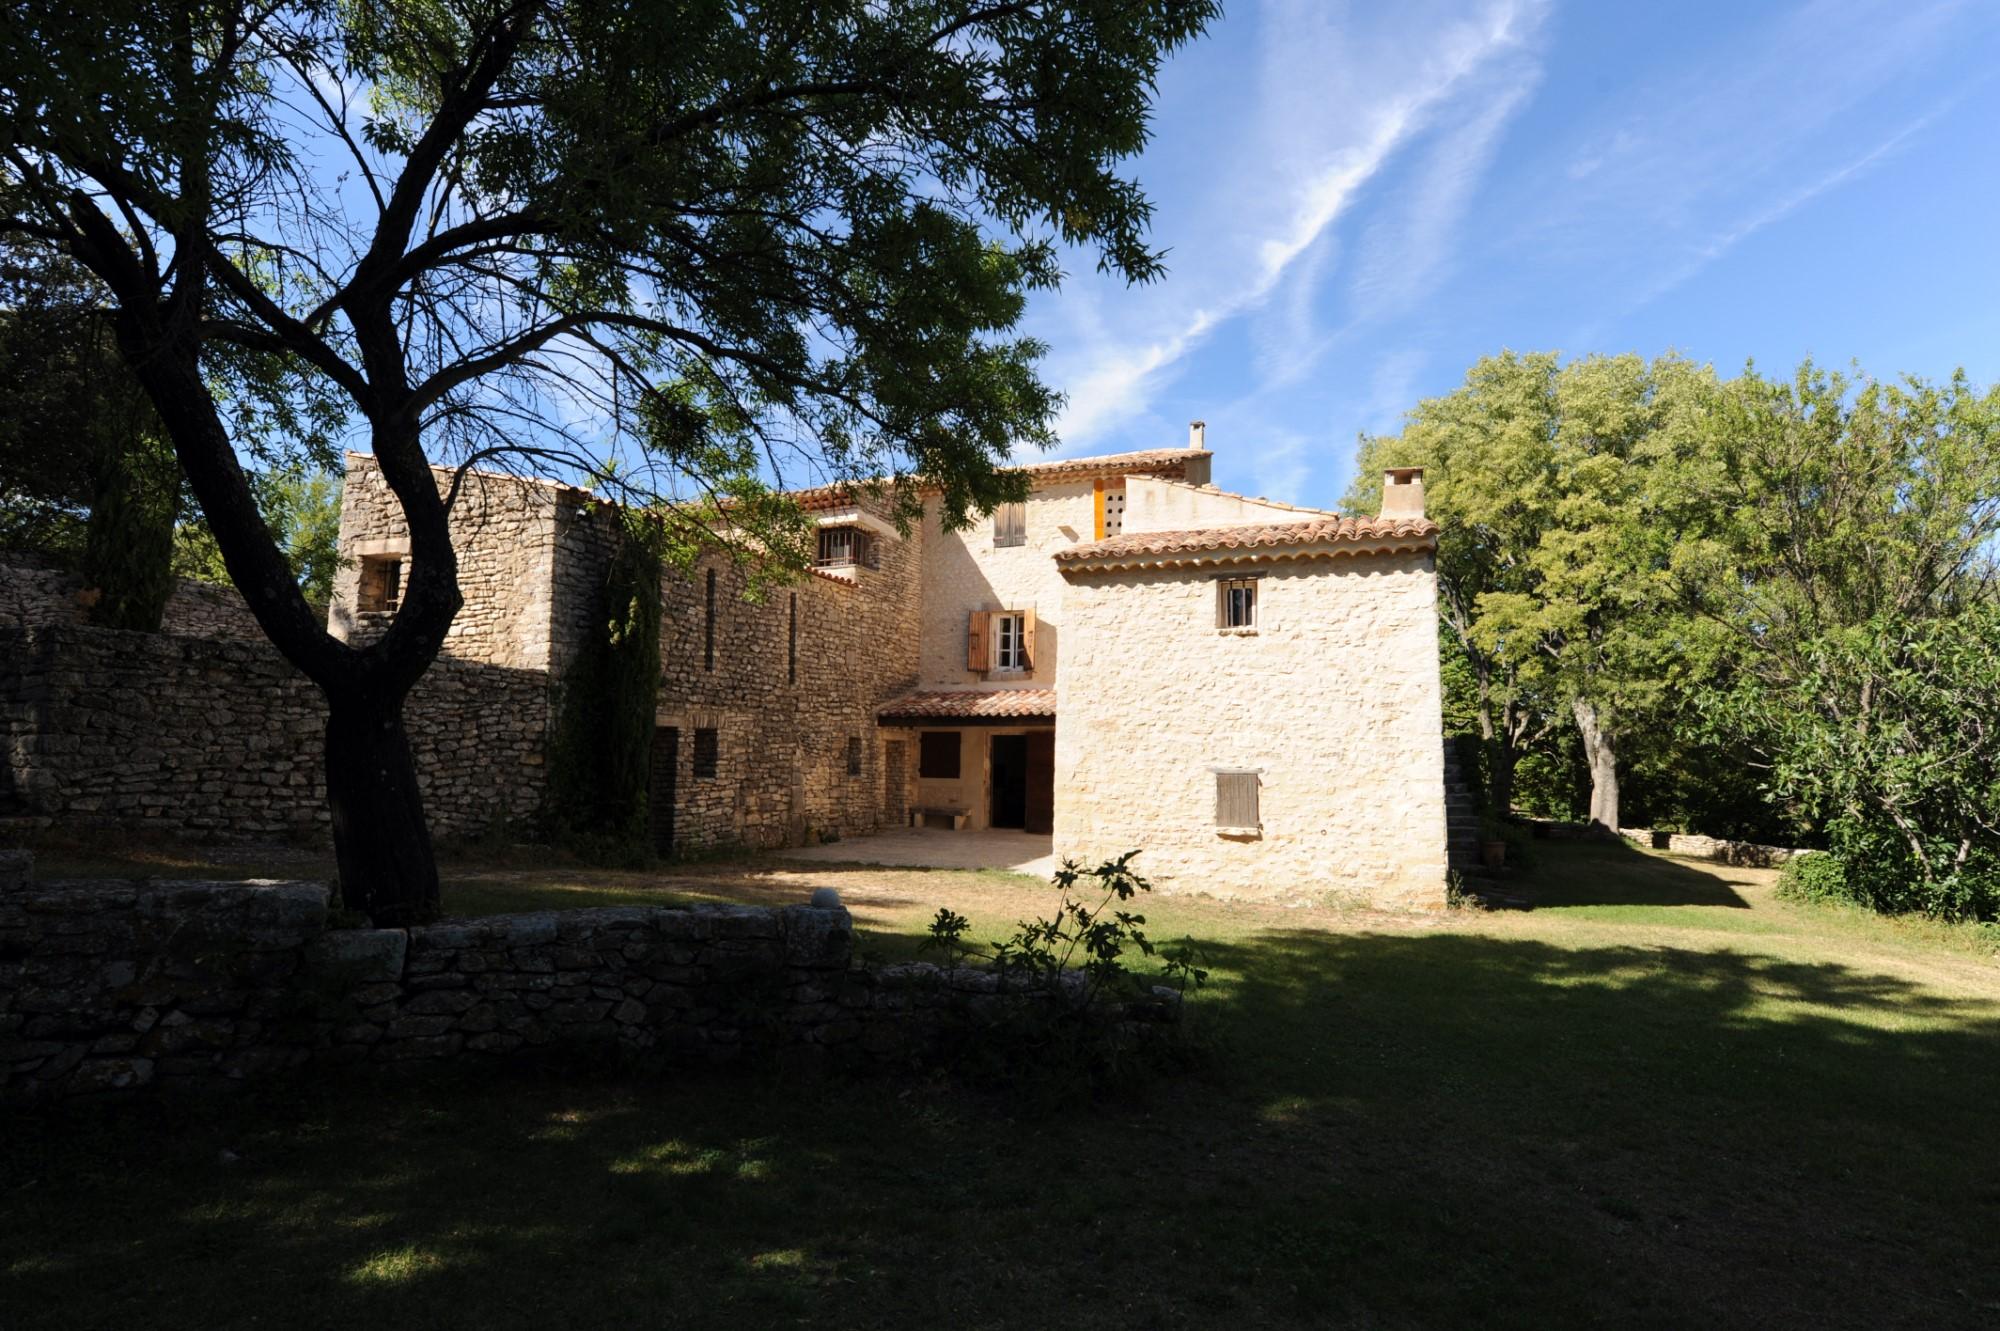 Authentique mas avec piscine et tennis sur 9 hectares à vendre au coeur du Luberon